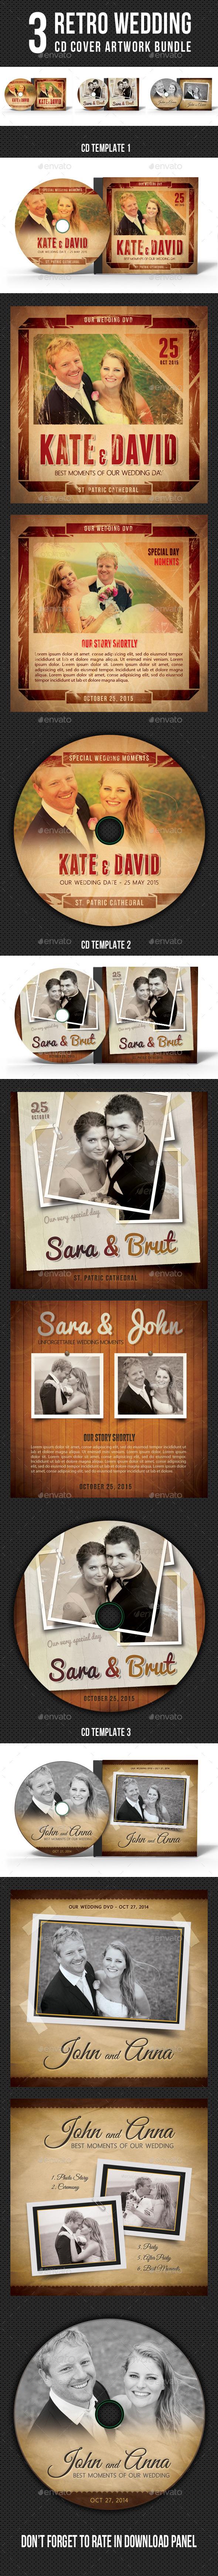 3 Retro Wedding Event CD Cover Bundle - CD & DVD Artwork Print Templates